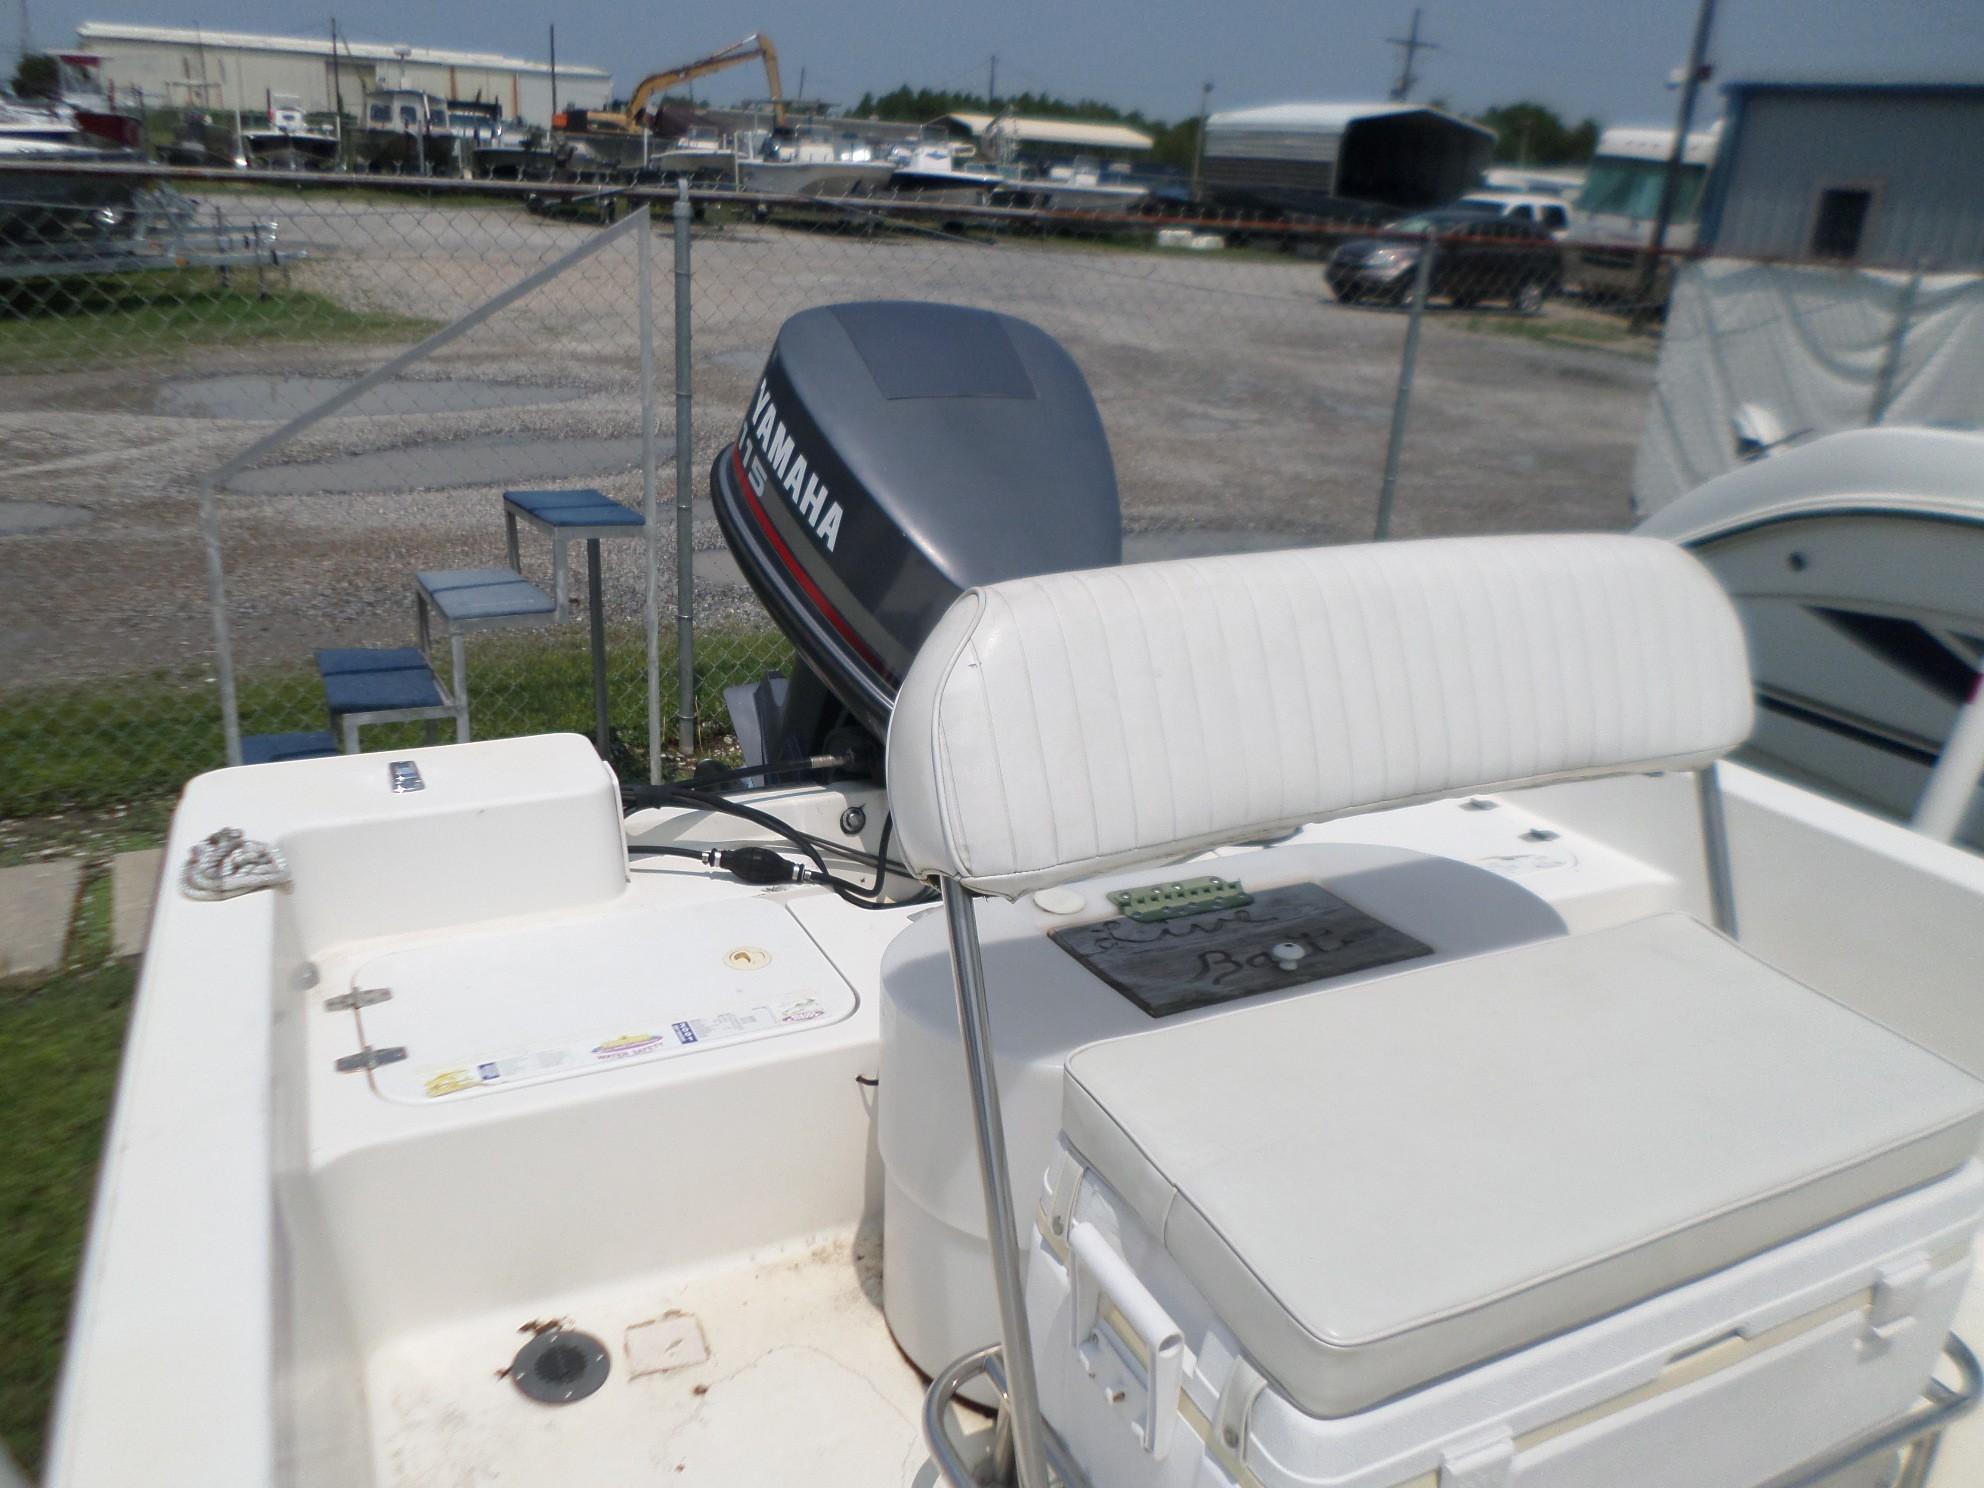 Used  1996 18' Century 186 Bay Boat in Slidell, Louisiana